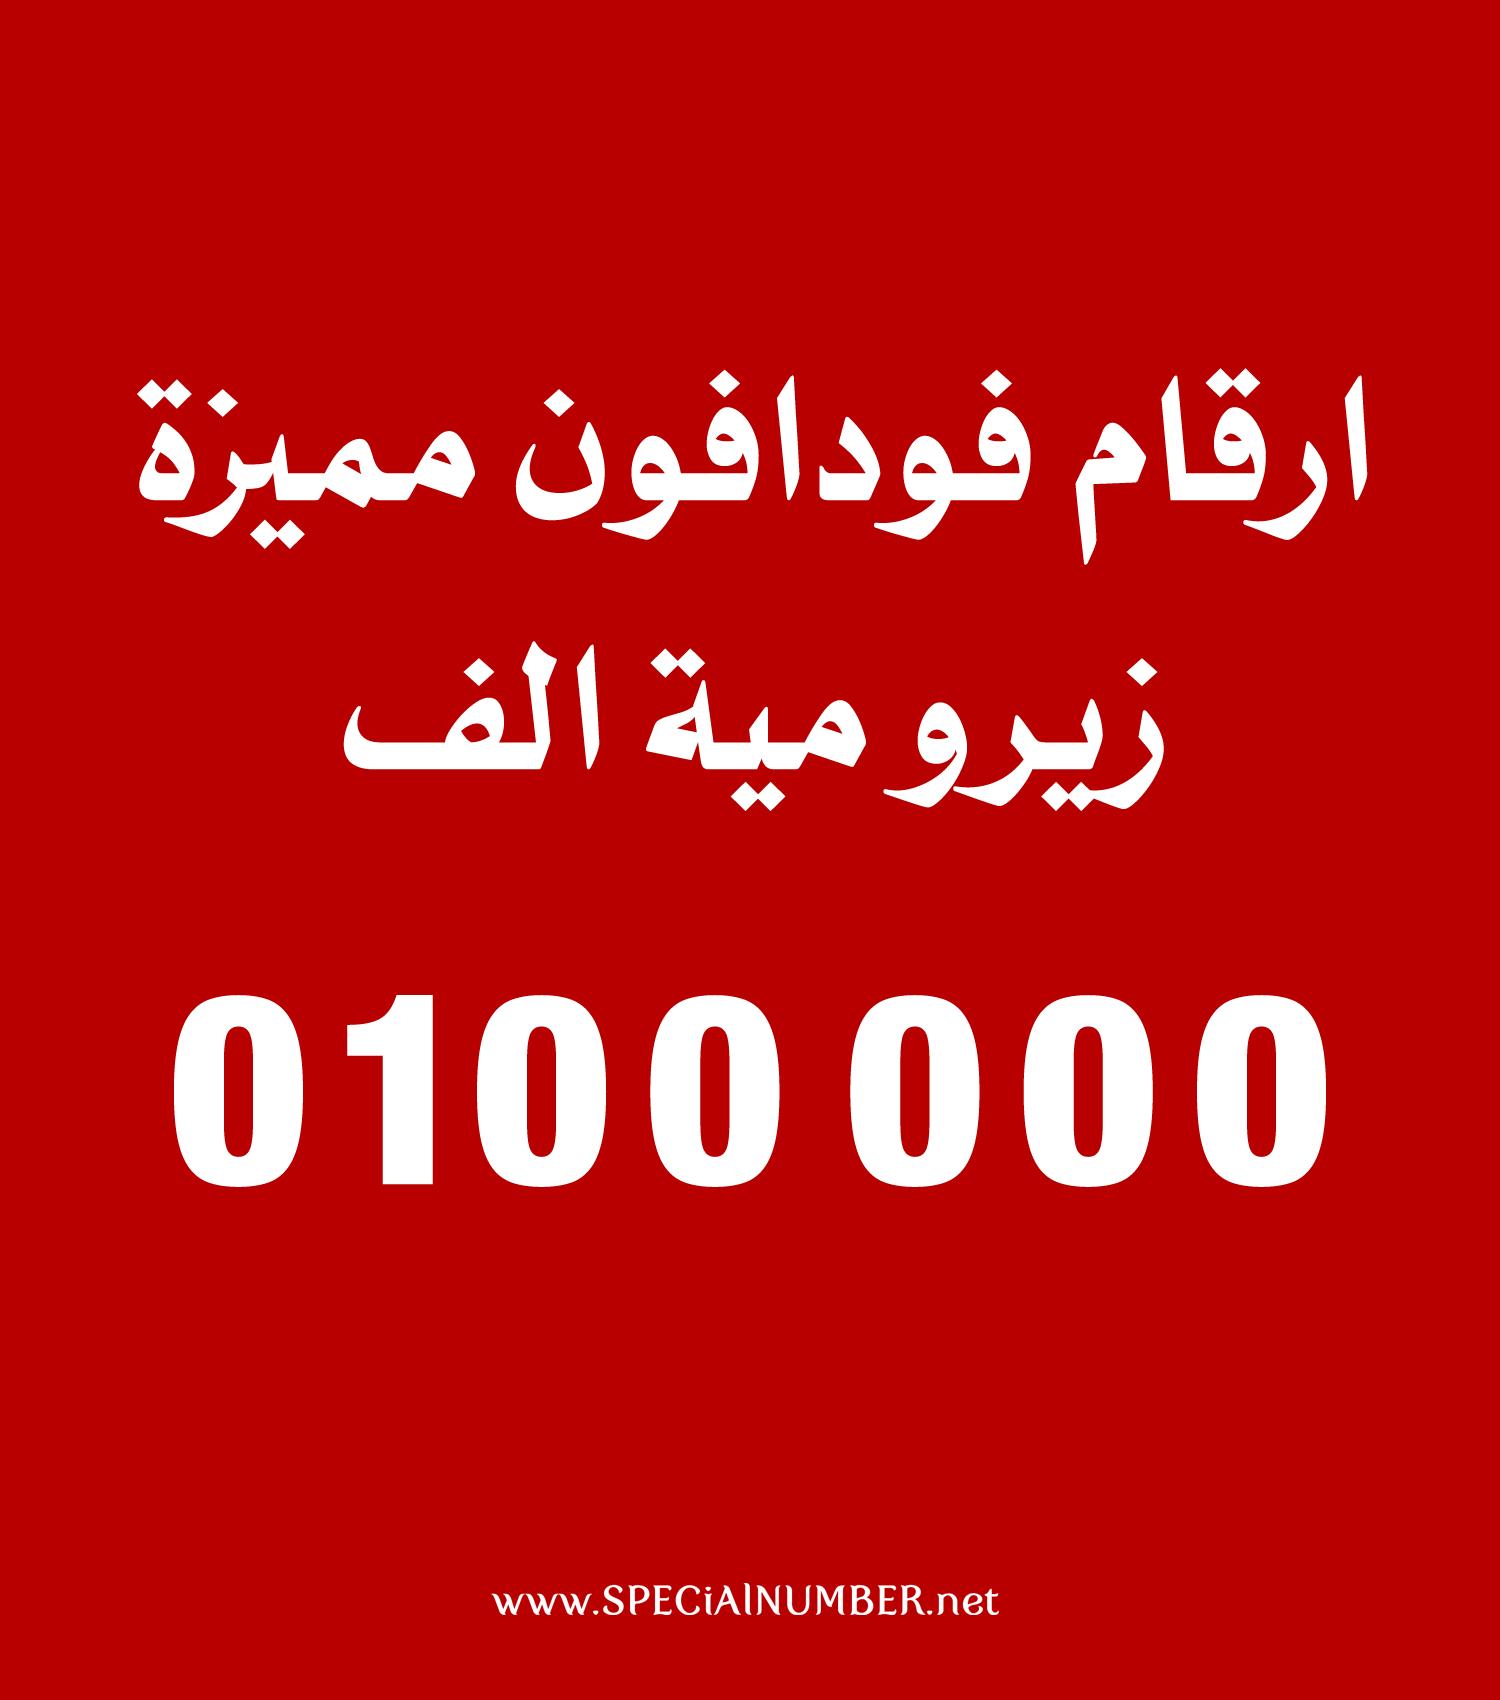 ارقام فودافون مميزة زيرو مية الف 0100000